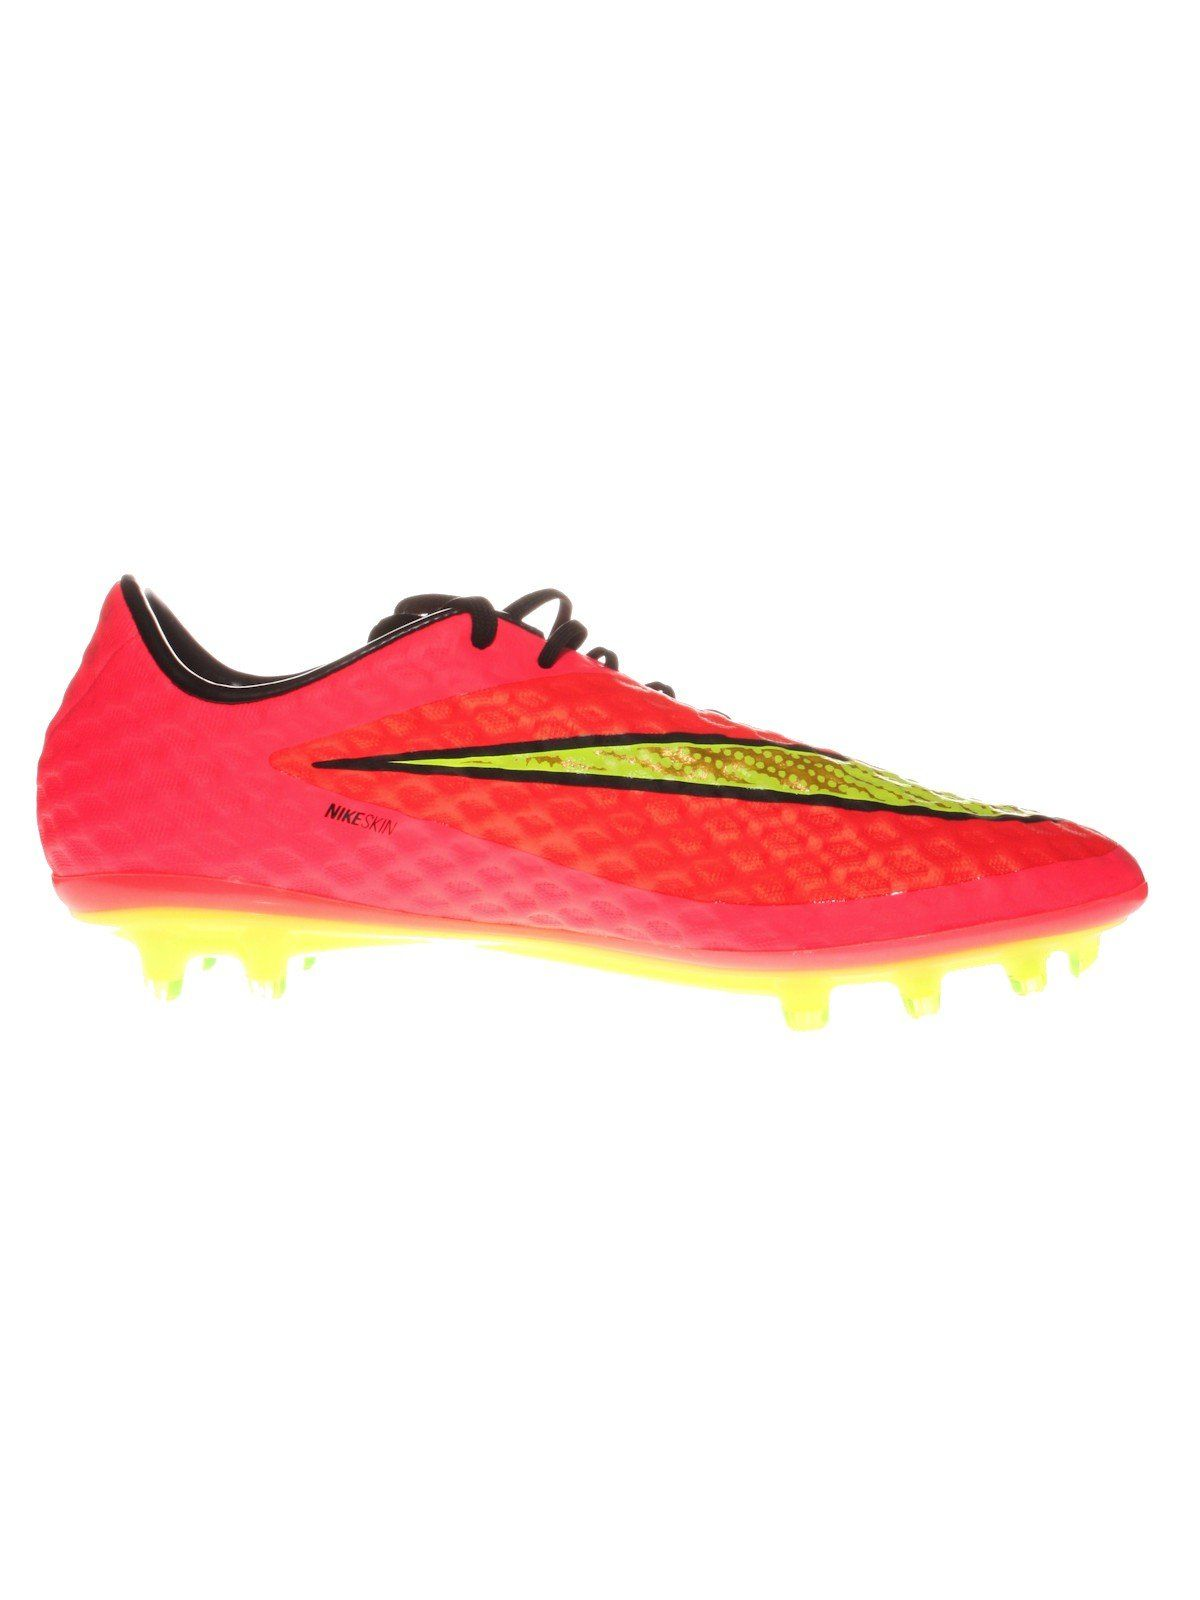 size 40 3c46b 61072 Amazon.com: nike hyervenom phantom FG mens football boots ...